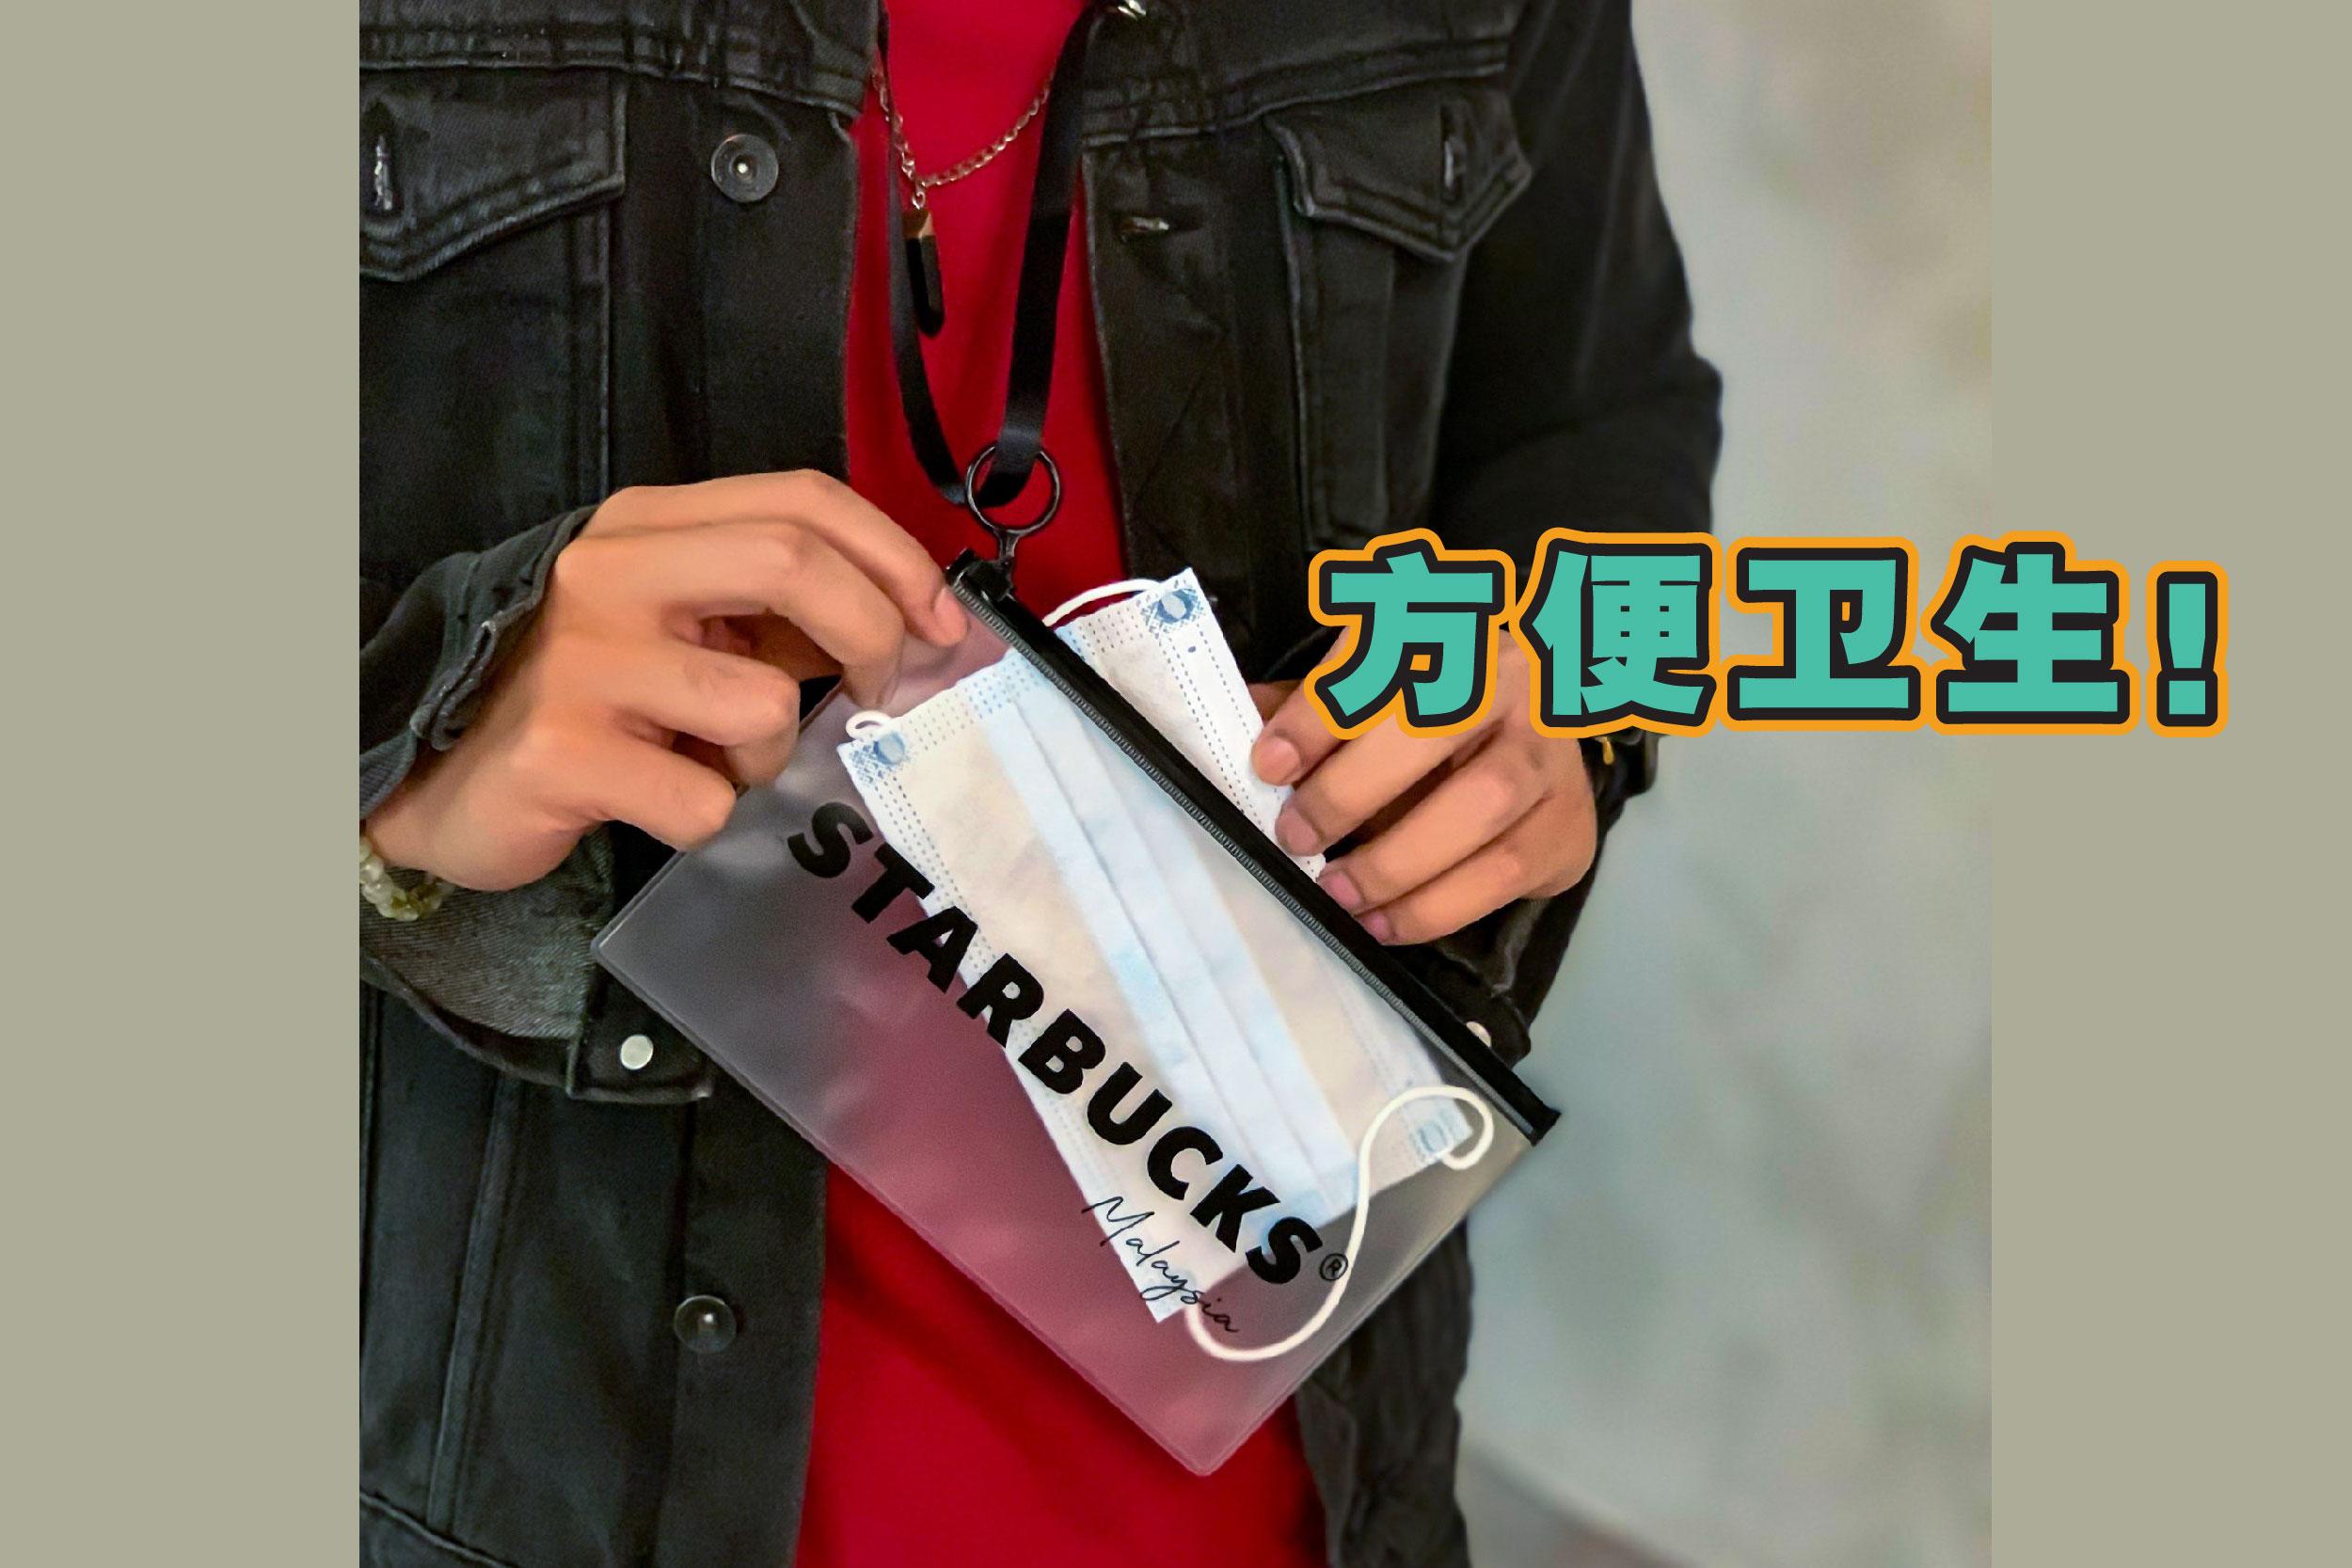 马星巴克全新推出超级实用的口罩收纳袋!-图摘自大马星星巴克/精彩大马制图-